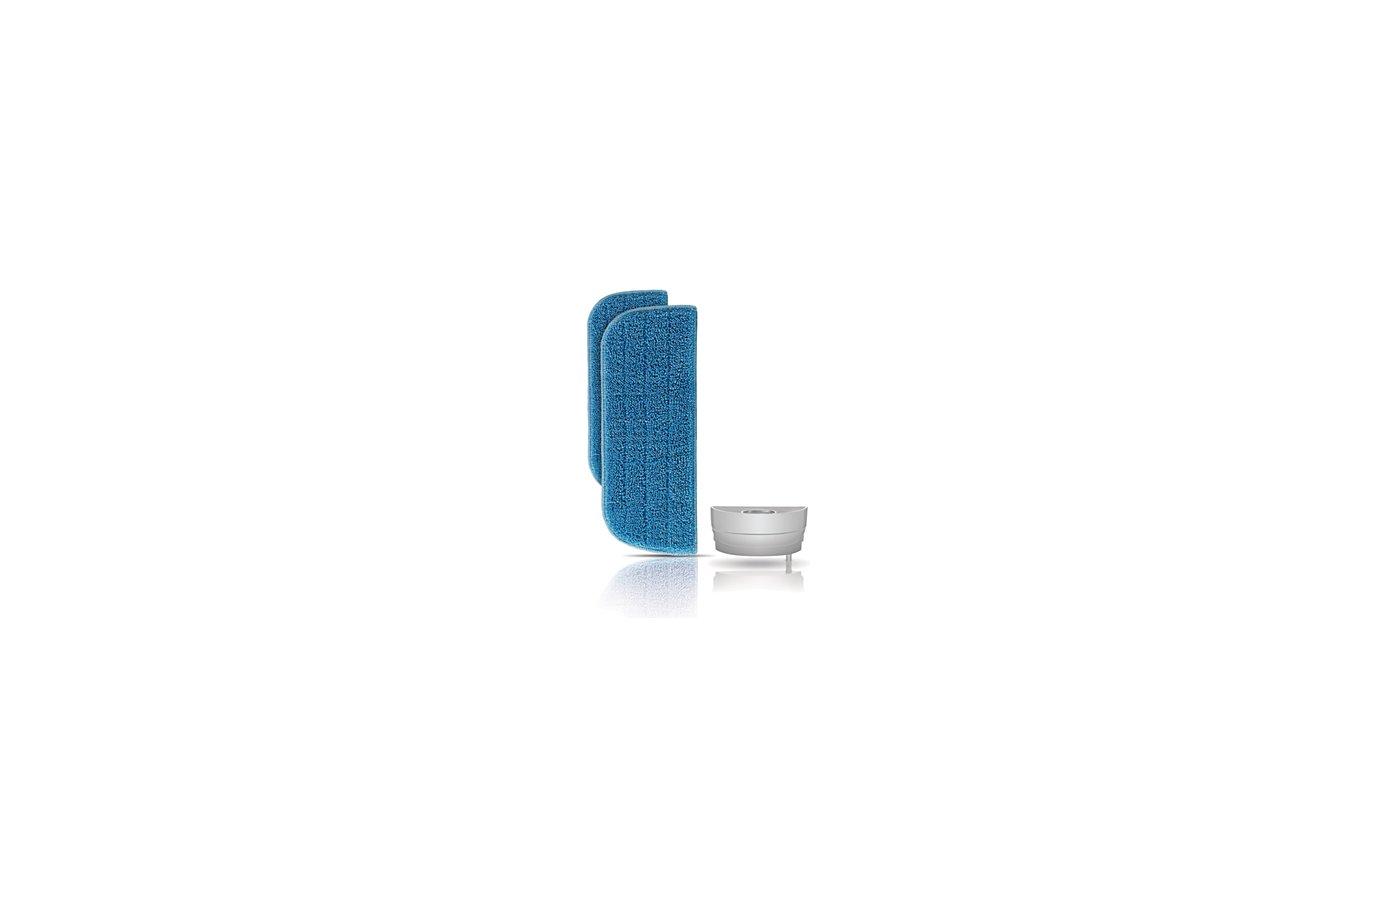 Фильтр для пылесоса PHILIPS FC 8056/01 Набор фильтров для пароочистителя